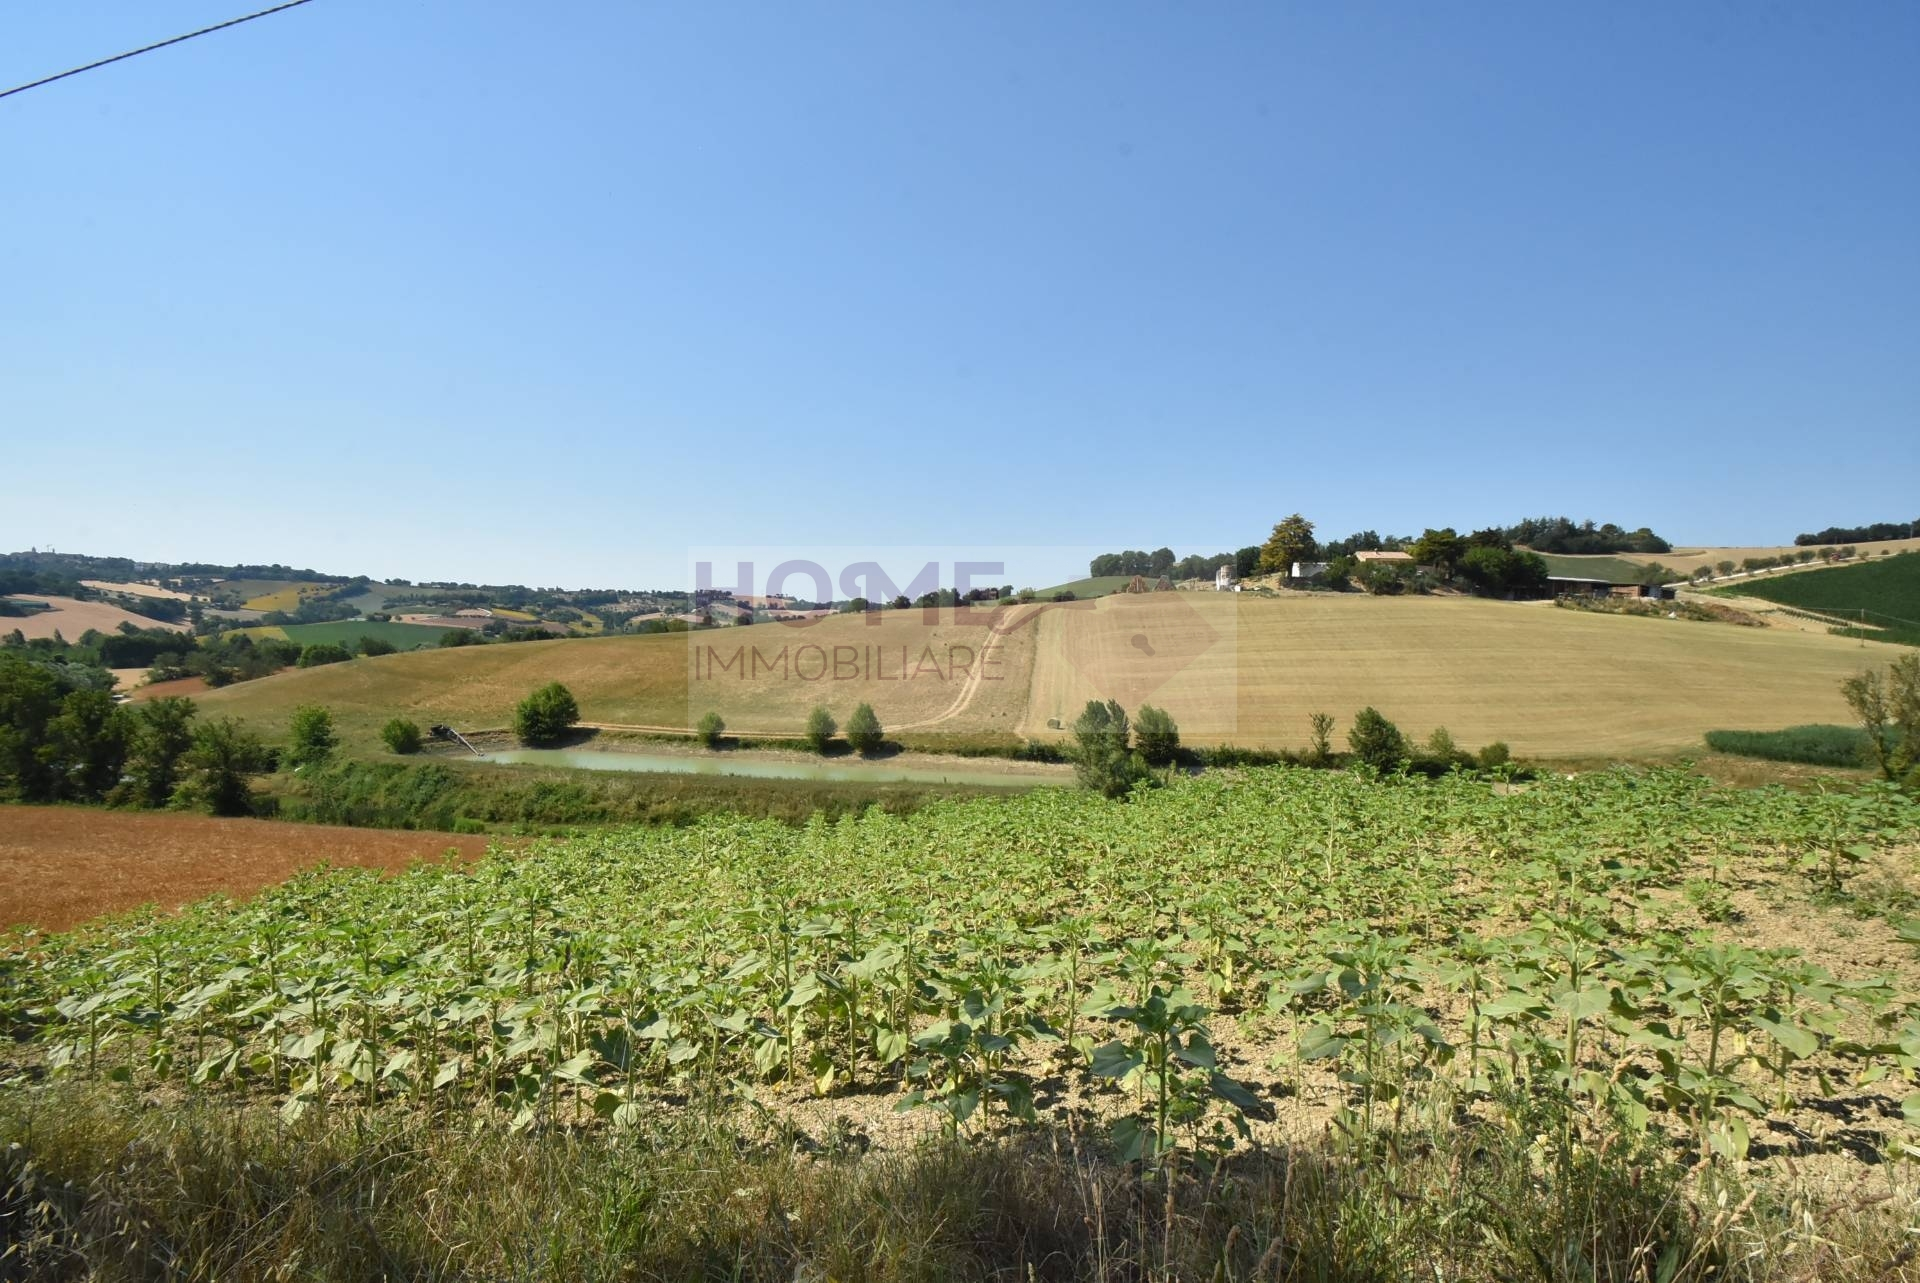 Terreno Agricolo in vendita a Corridonia, 9999 locali, prezzo € 30.000 | CambioCasa.it